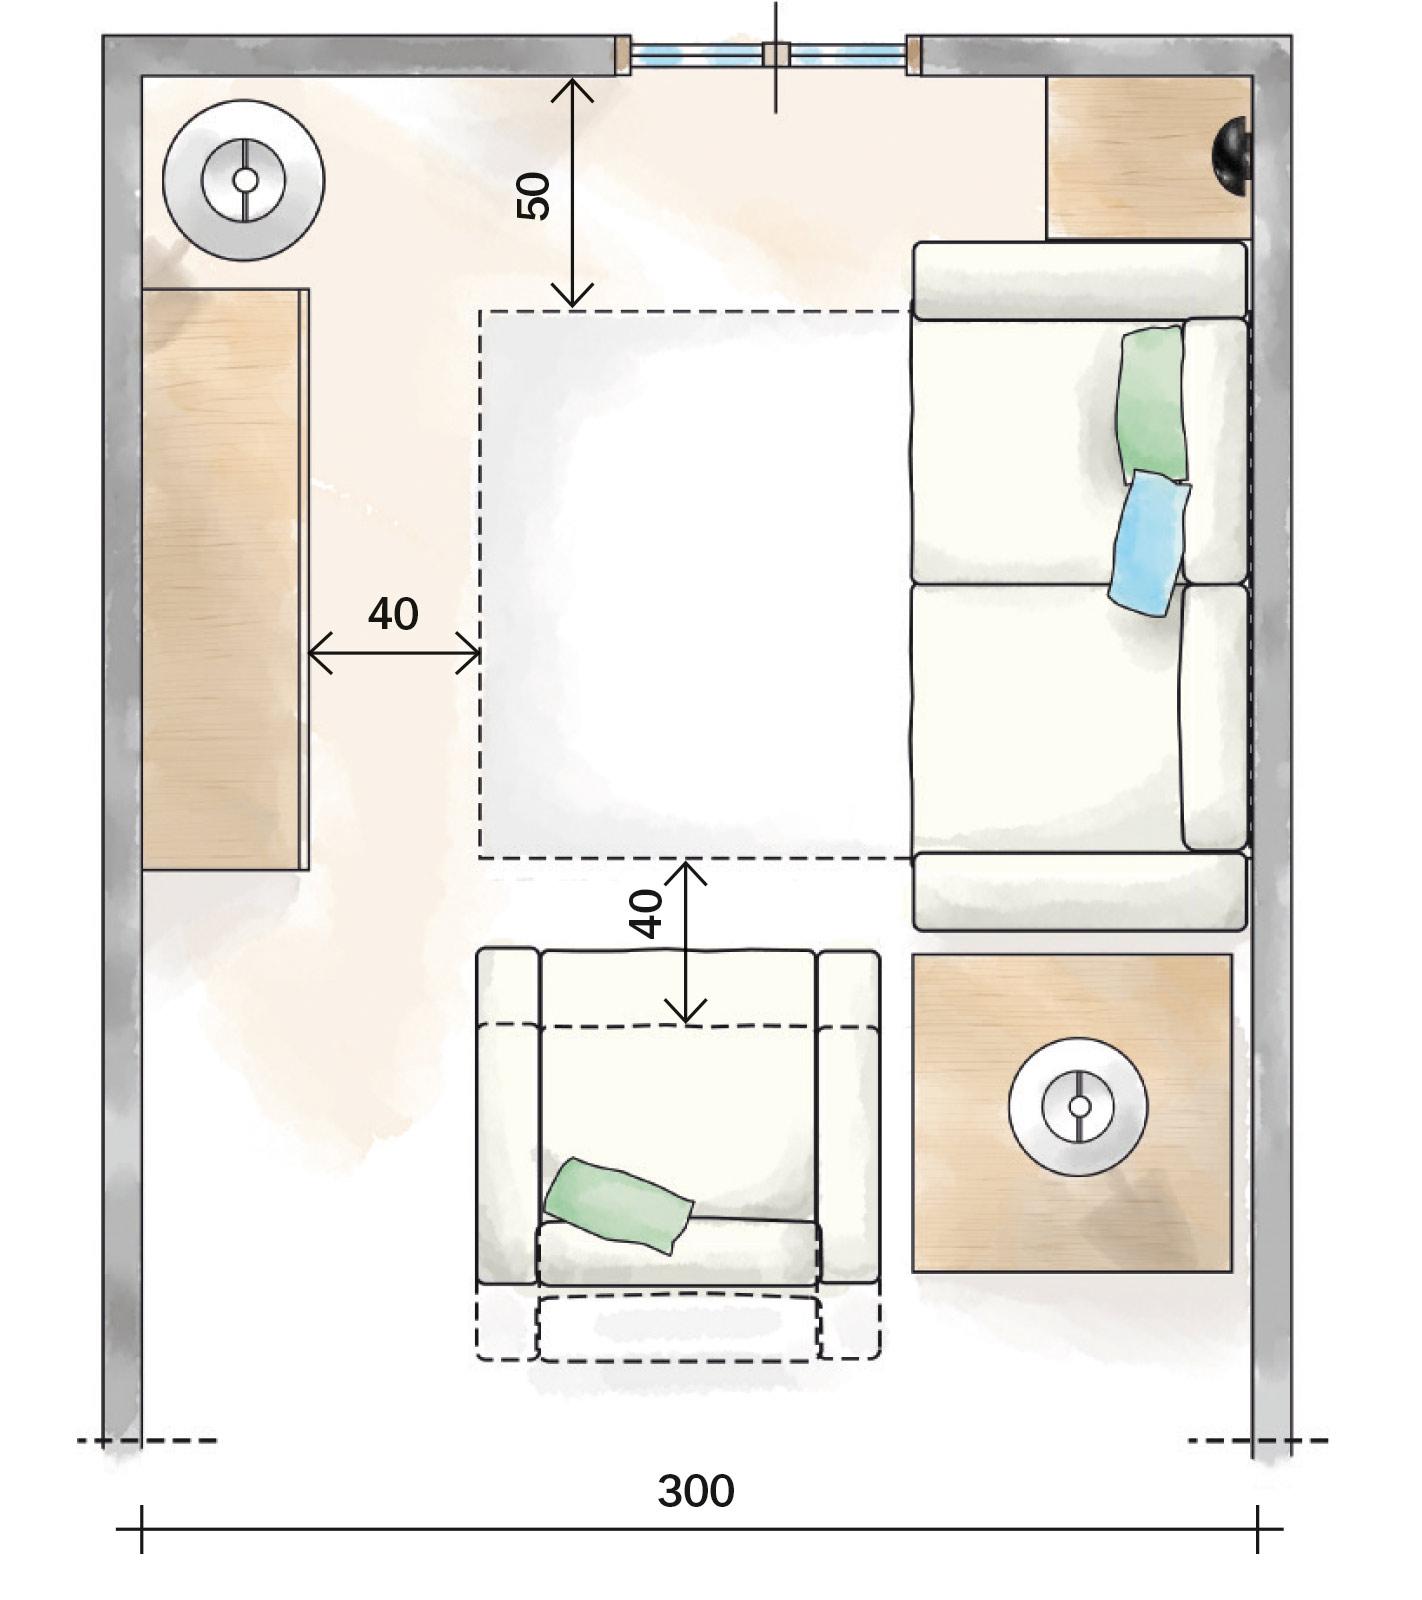 divani-letto, arredi salvaspazio. | spazio soluzioni - Divano Letto Matrimoniale Larghezza